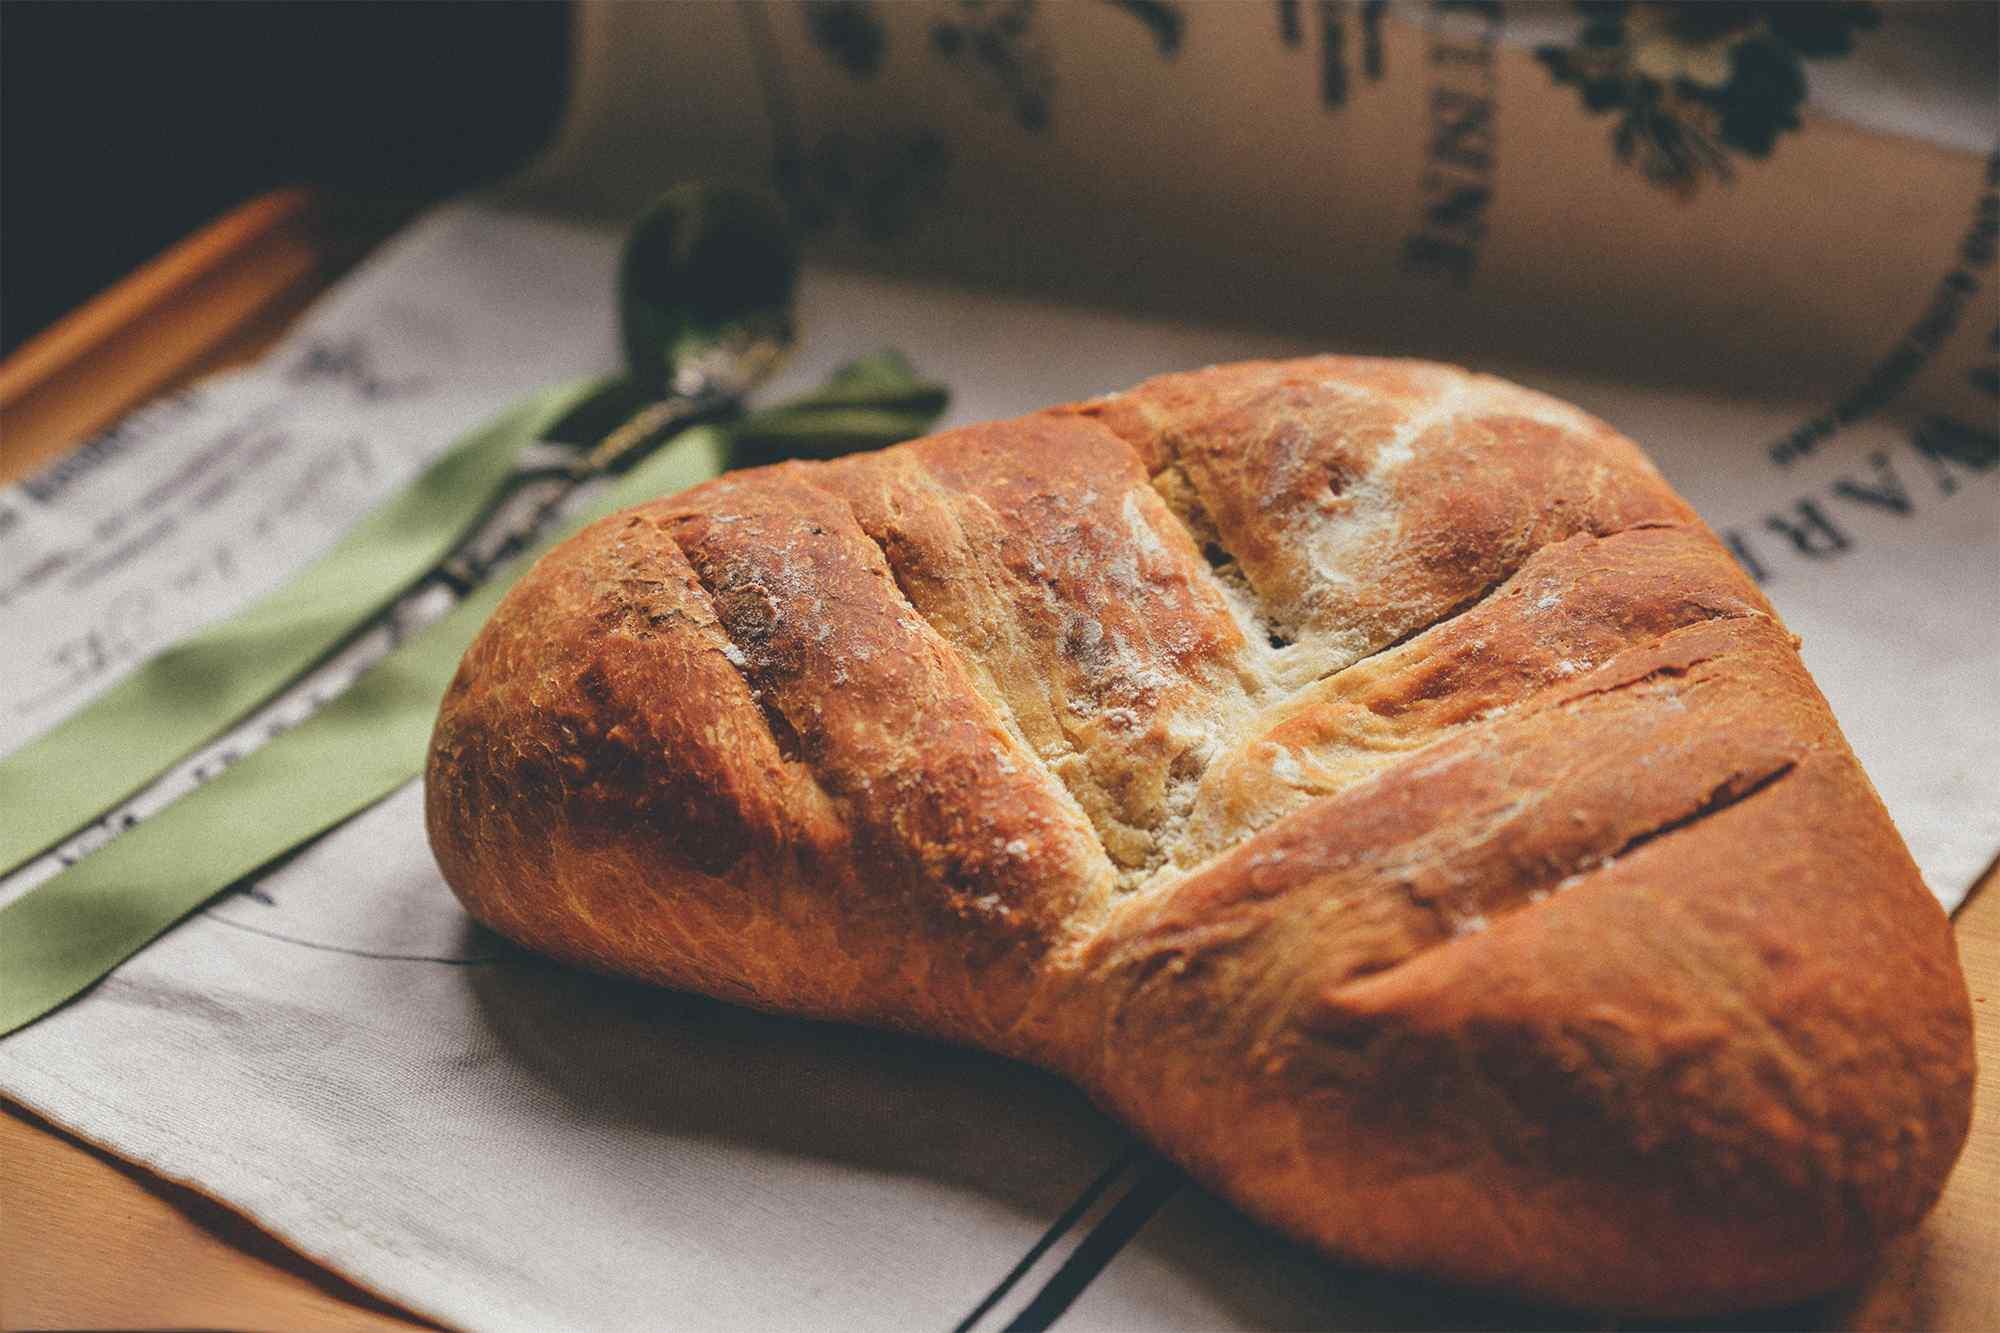 爱心形状的美味烤面包图片